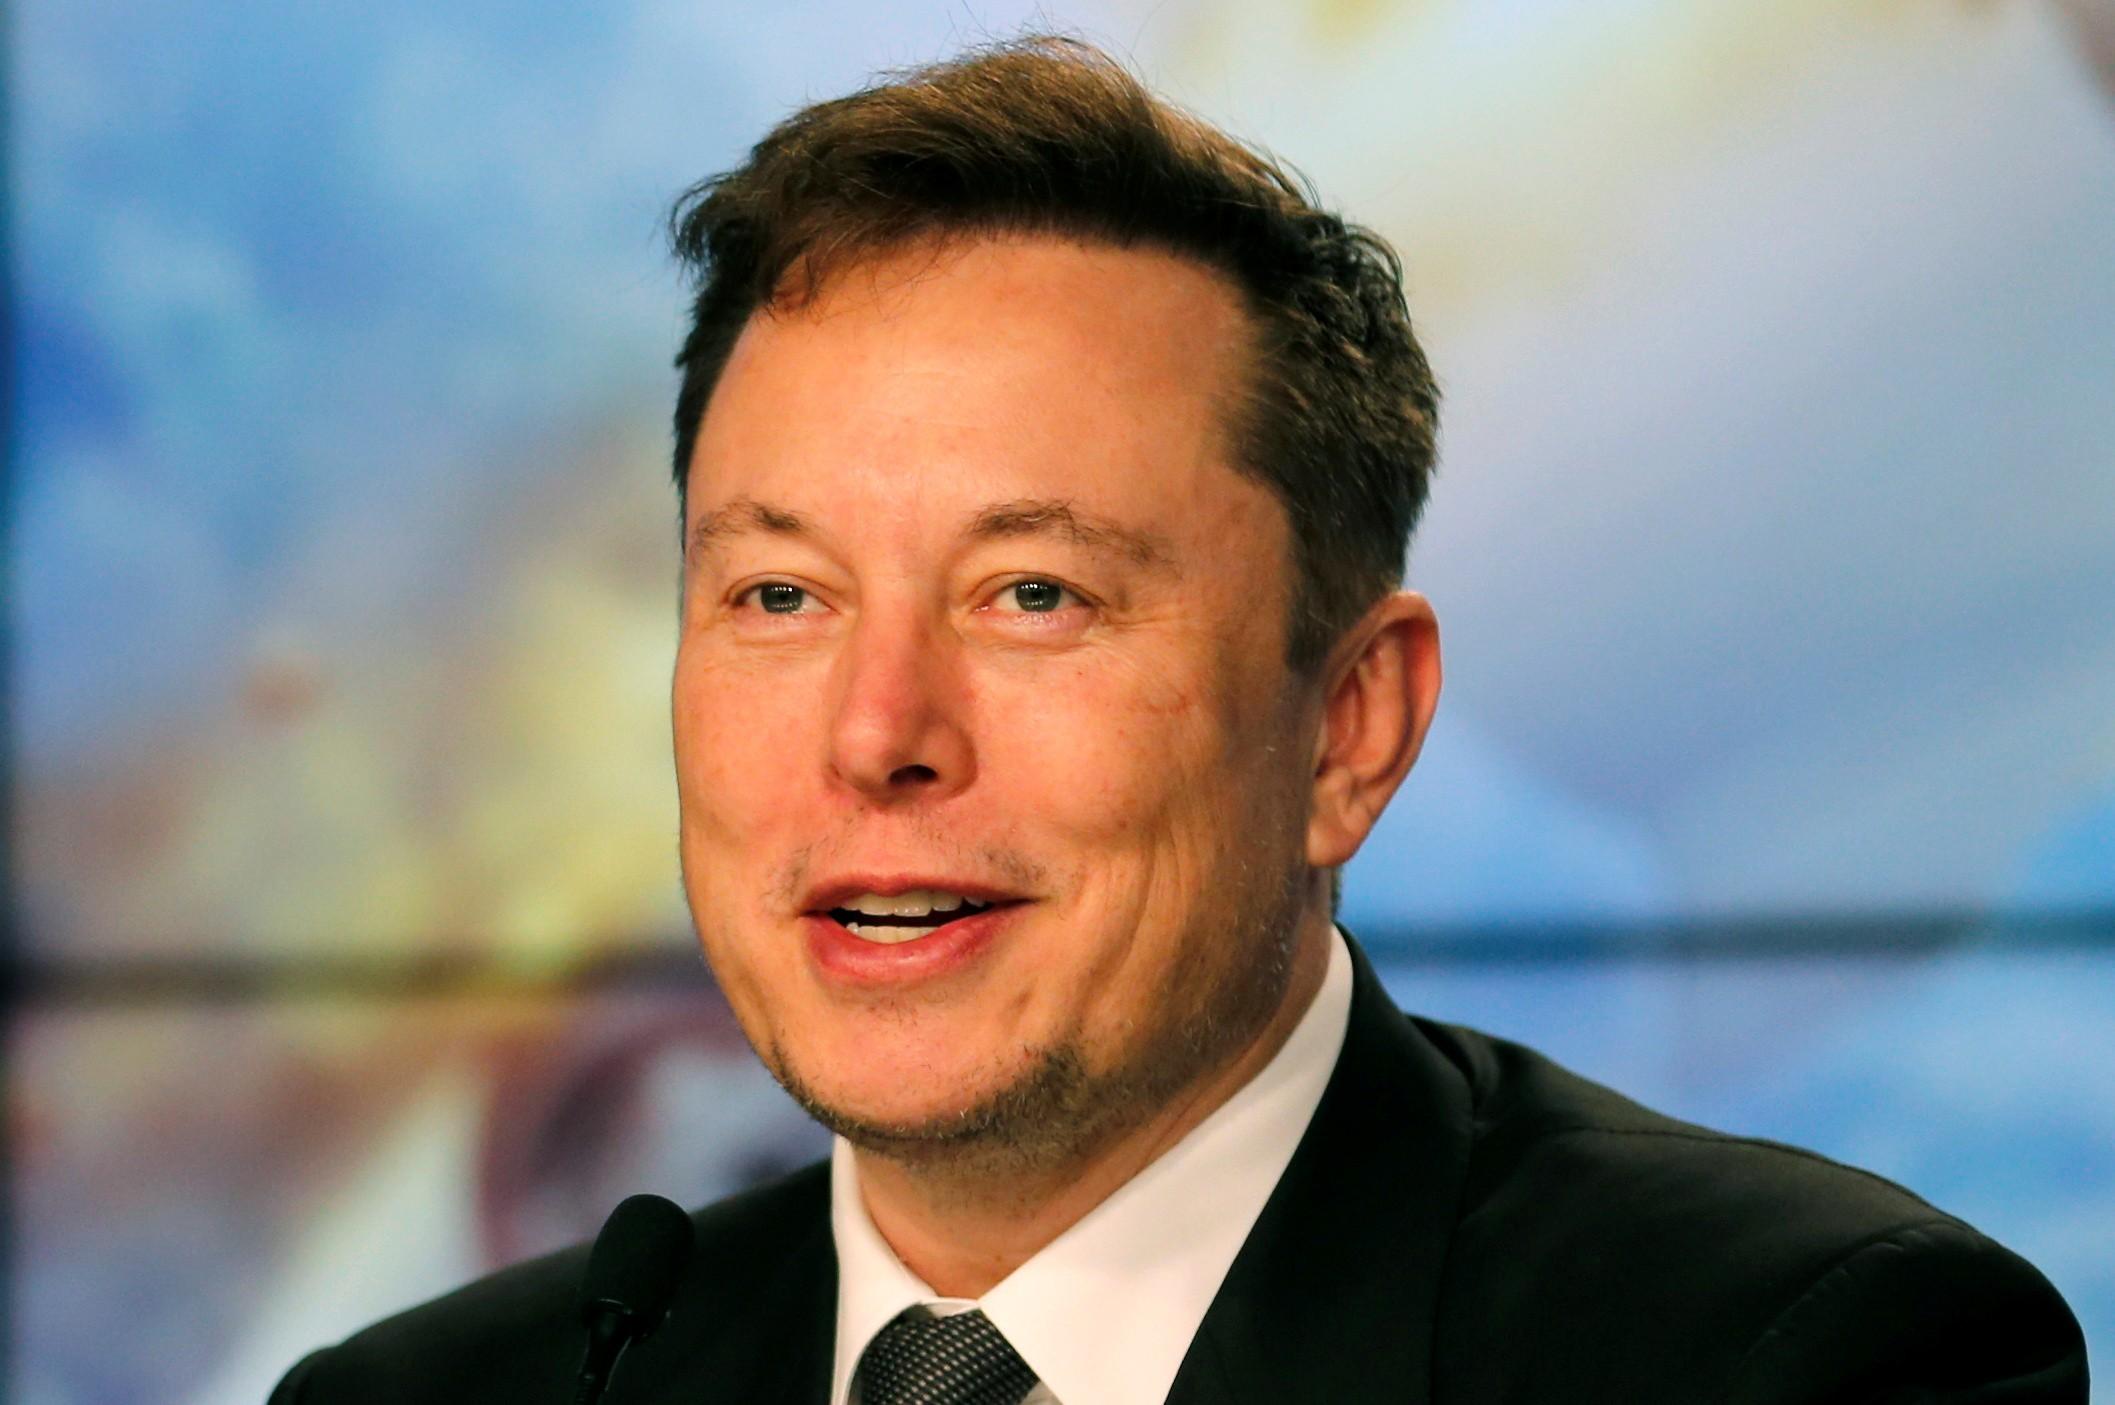 Entenda por que as eleições da Bolívia colocaram o empresário Elon Musk nos trending topics